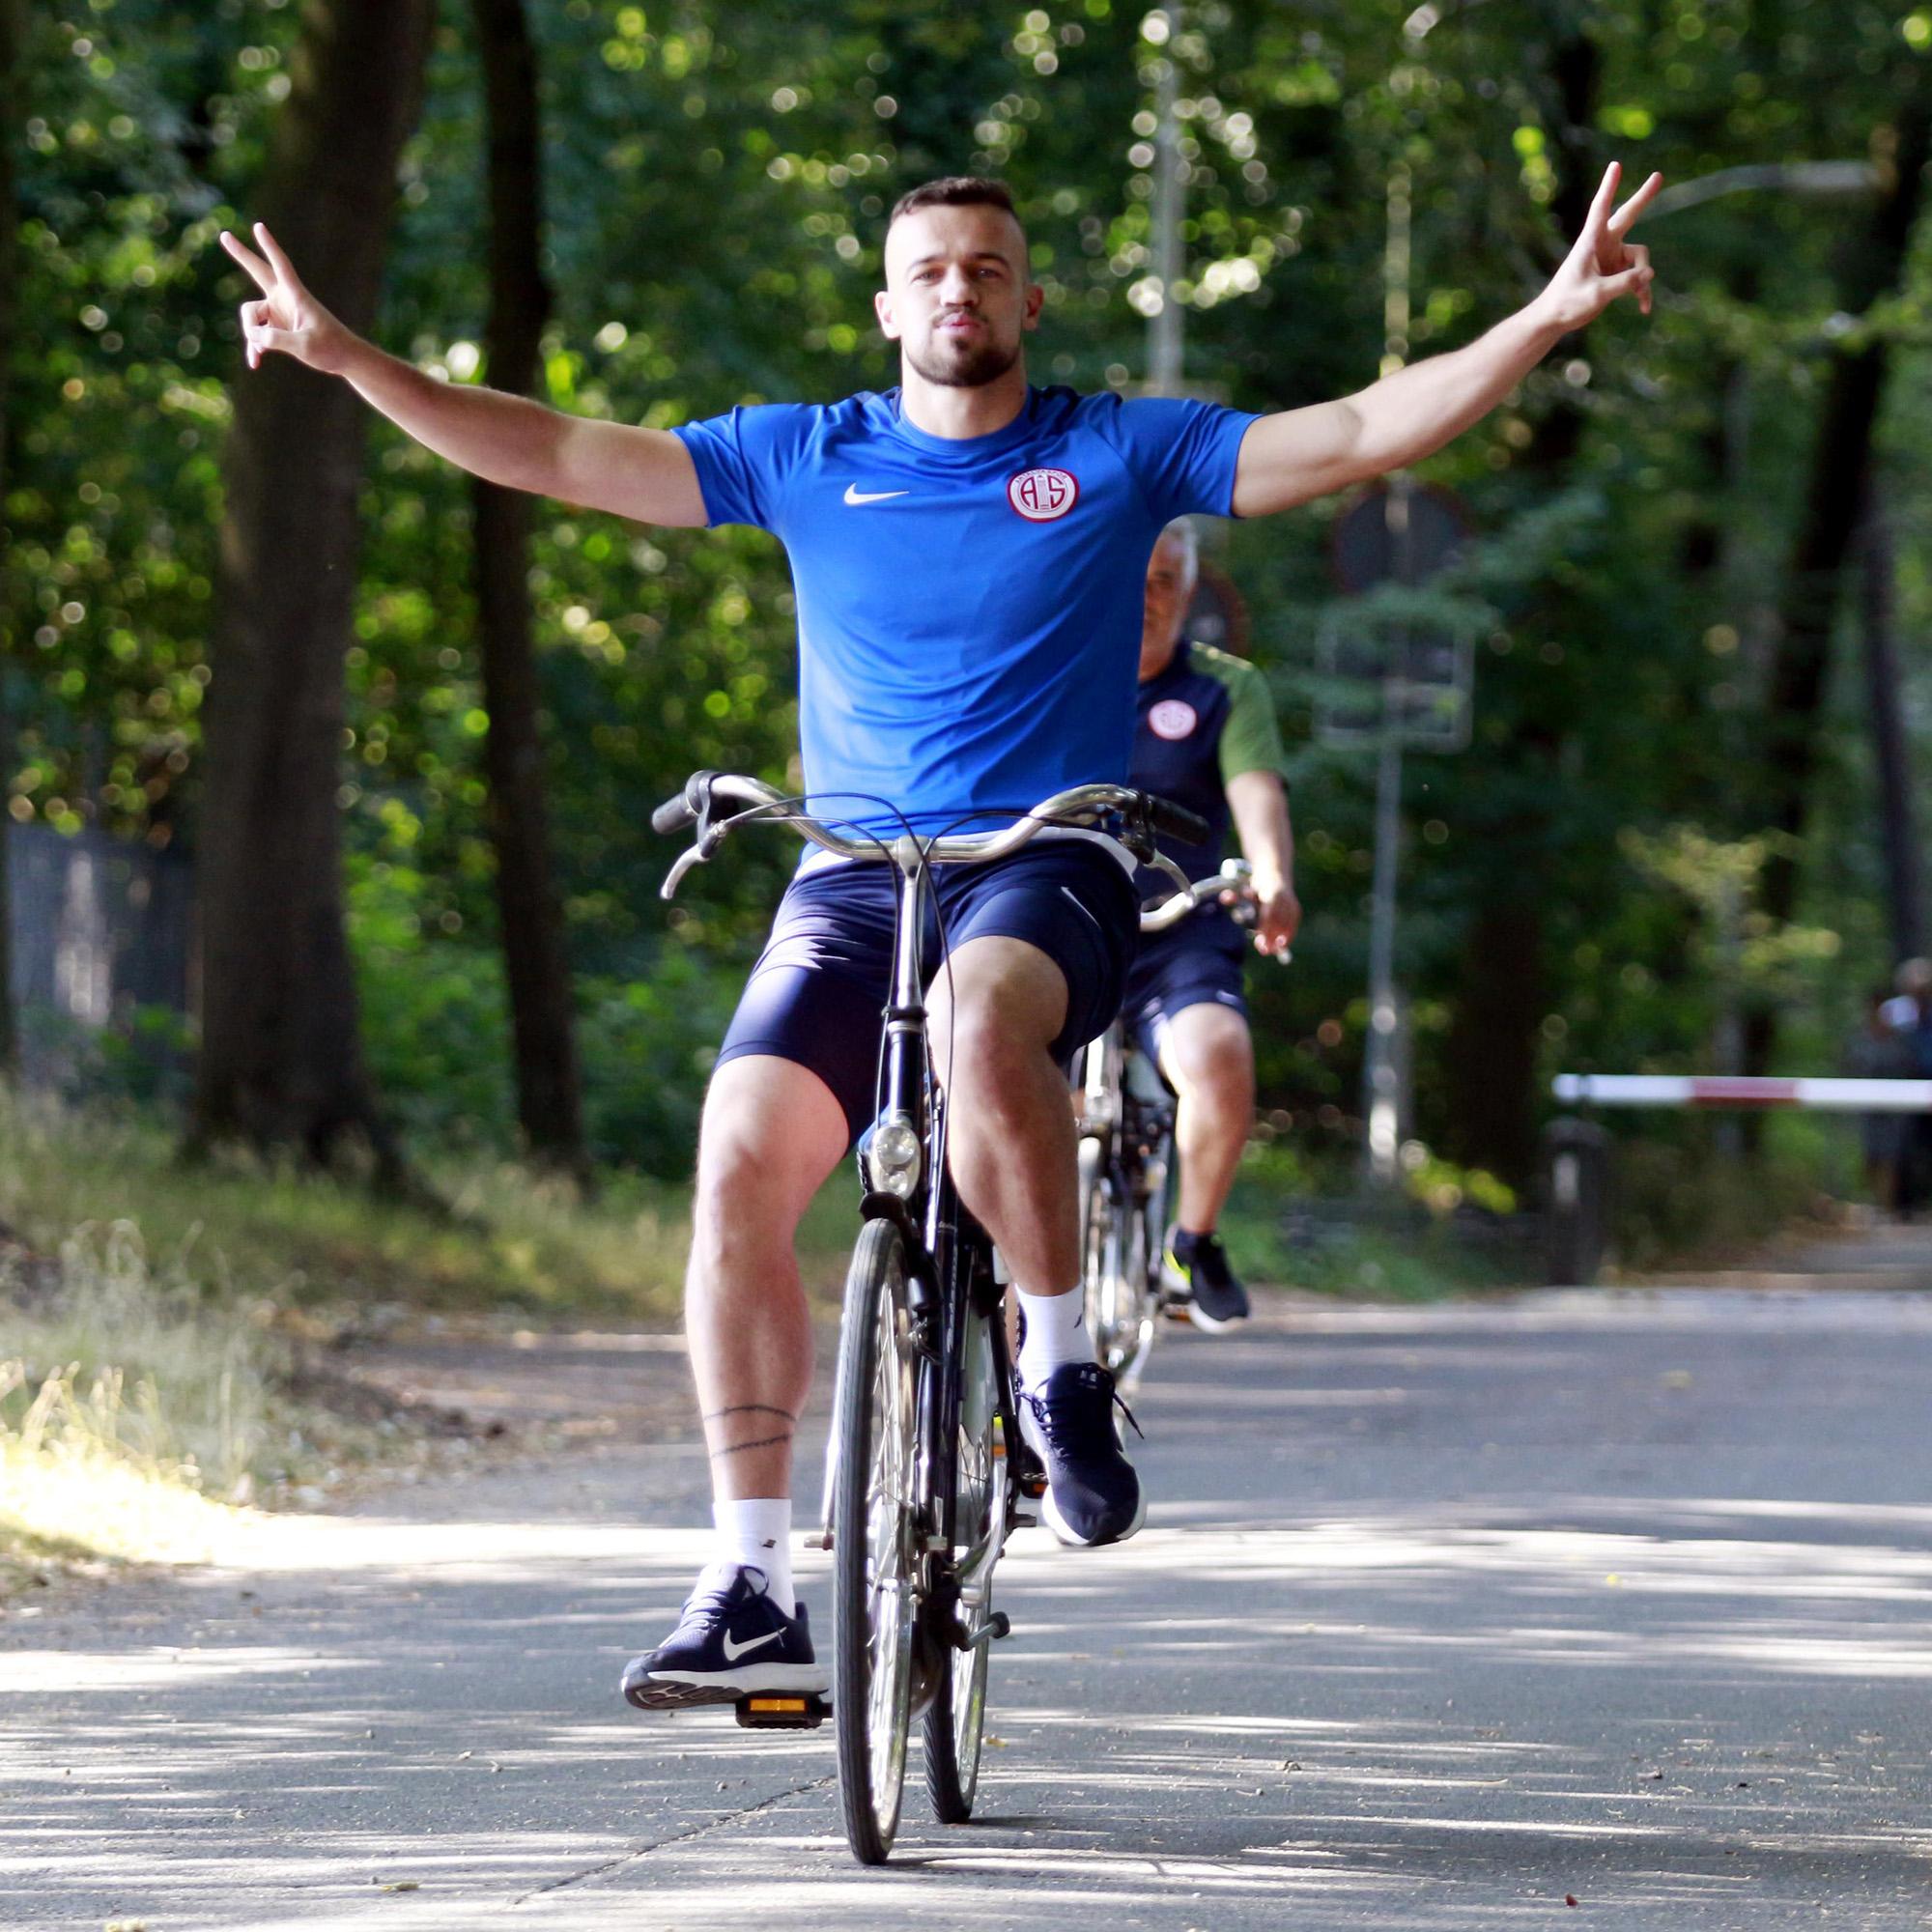 Rumo ao quinto ano na Turquia, Chico, ex-Palmeiras, avalia pré-temporada do Antalyaspor com direito a treino com bicicleta